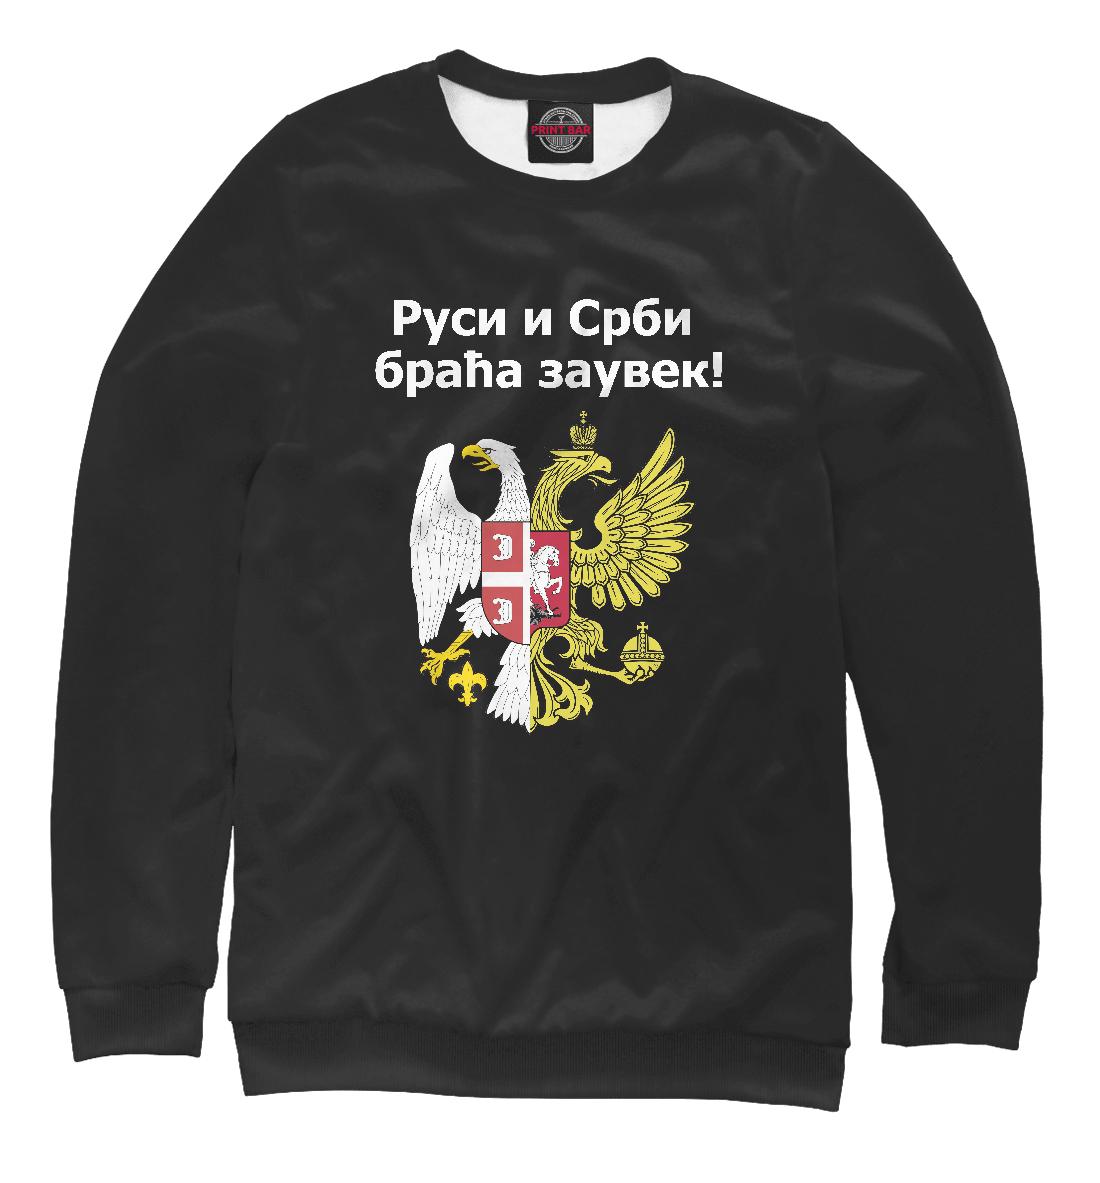 Фото - Россия Сербия Братья Навек! бондаренко о россия и сербия на поворотах истории